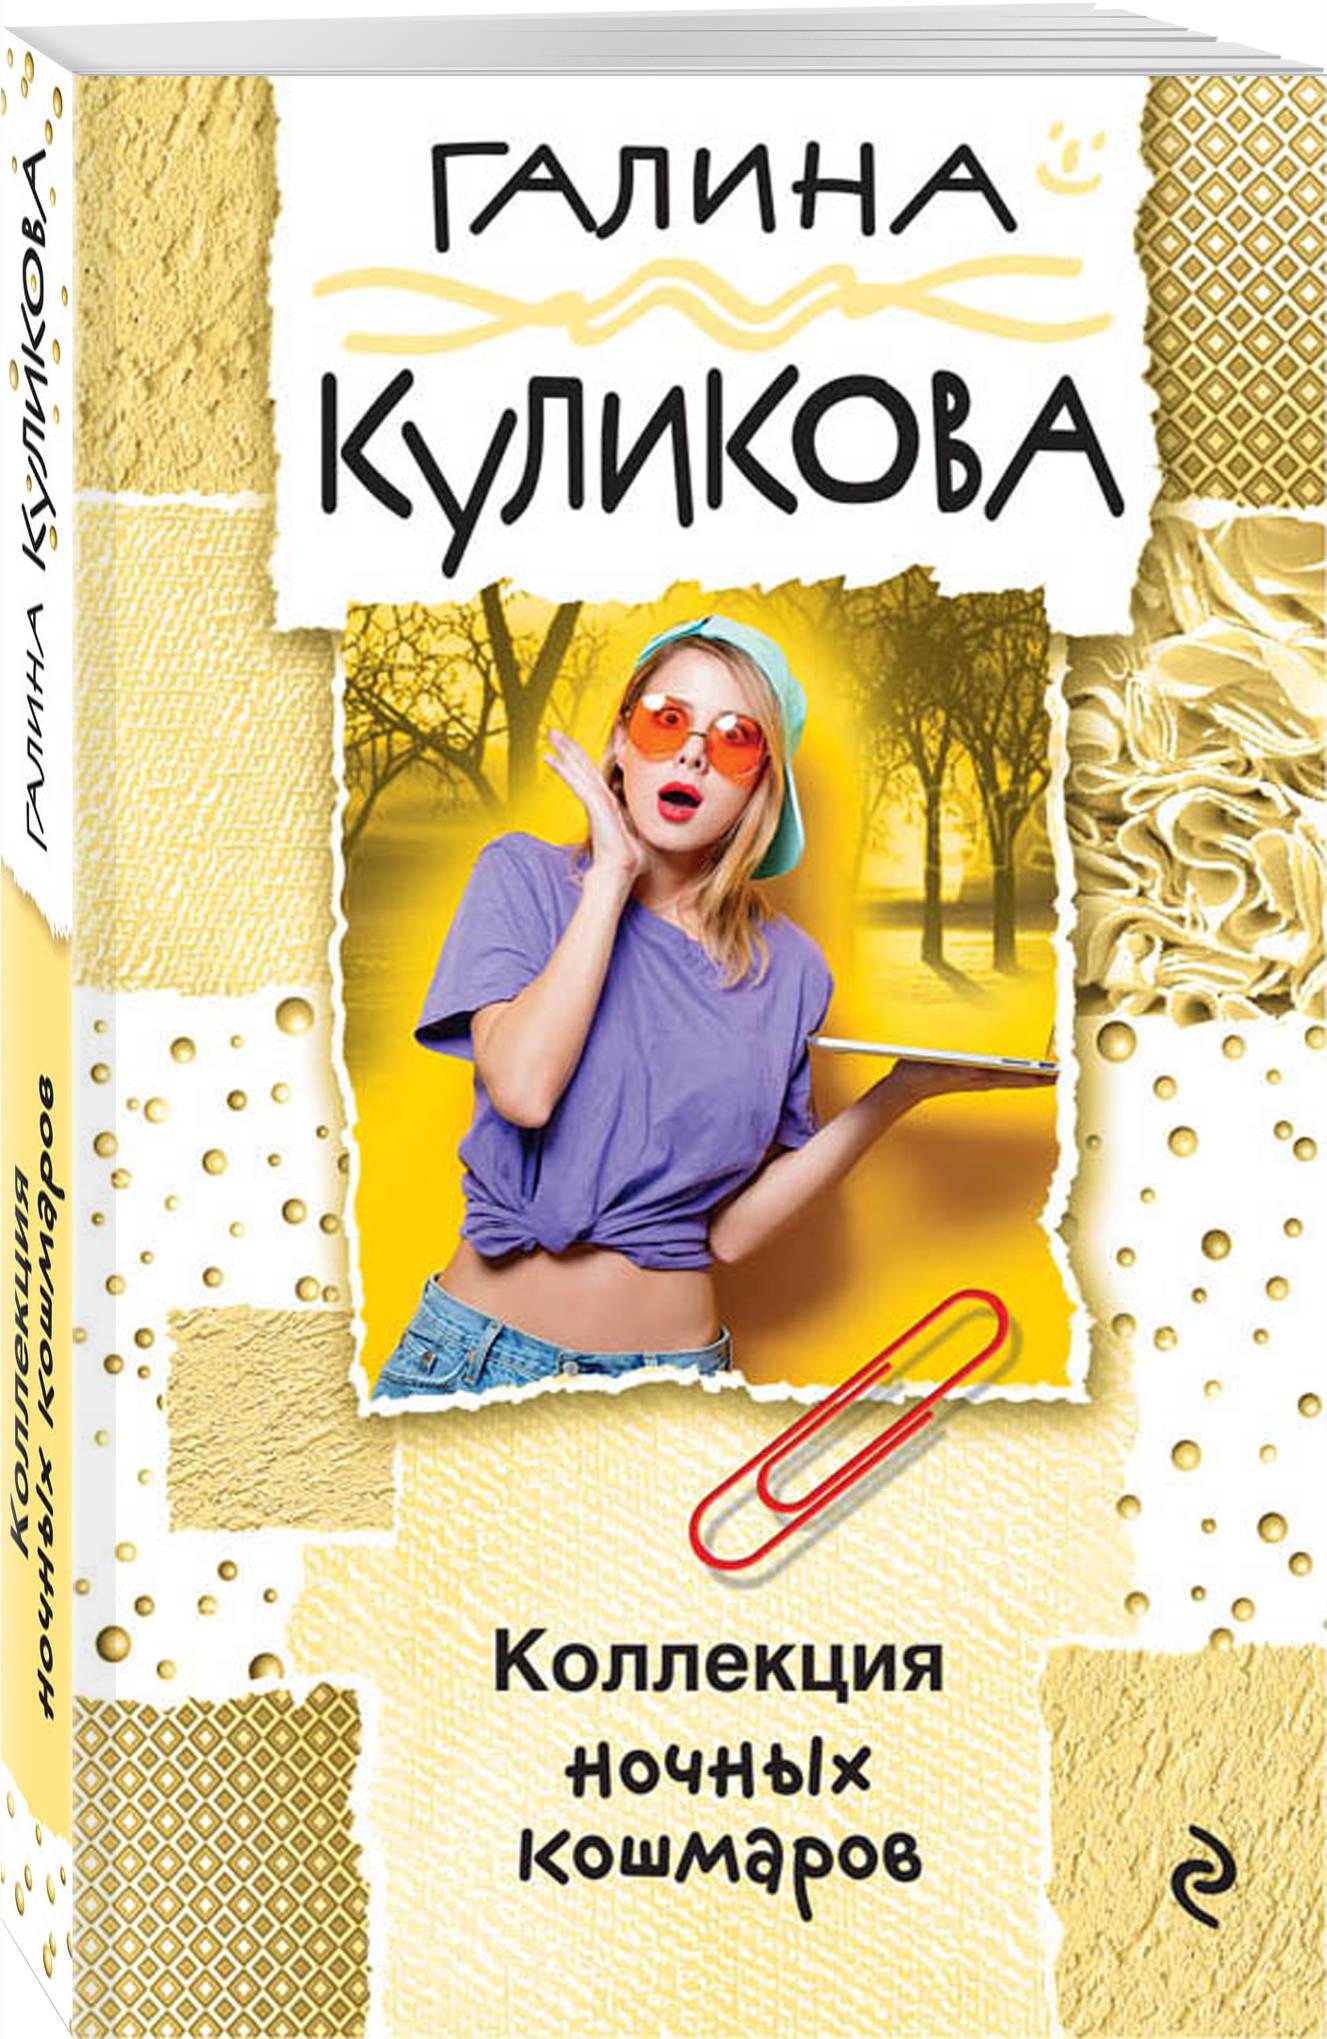 Галина Куликова Коллекция ночных кошмаров